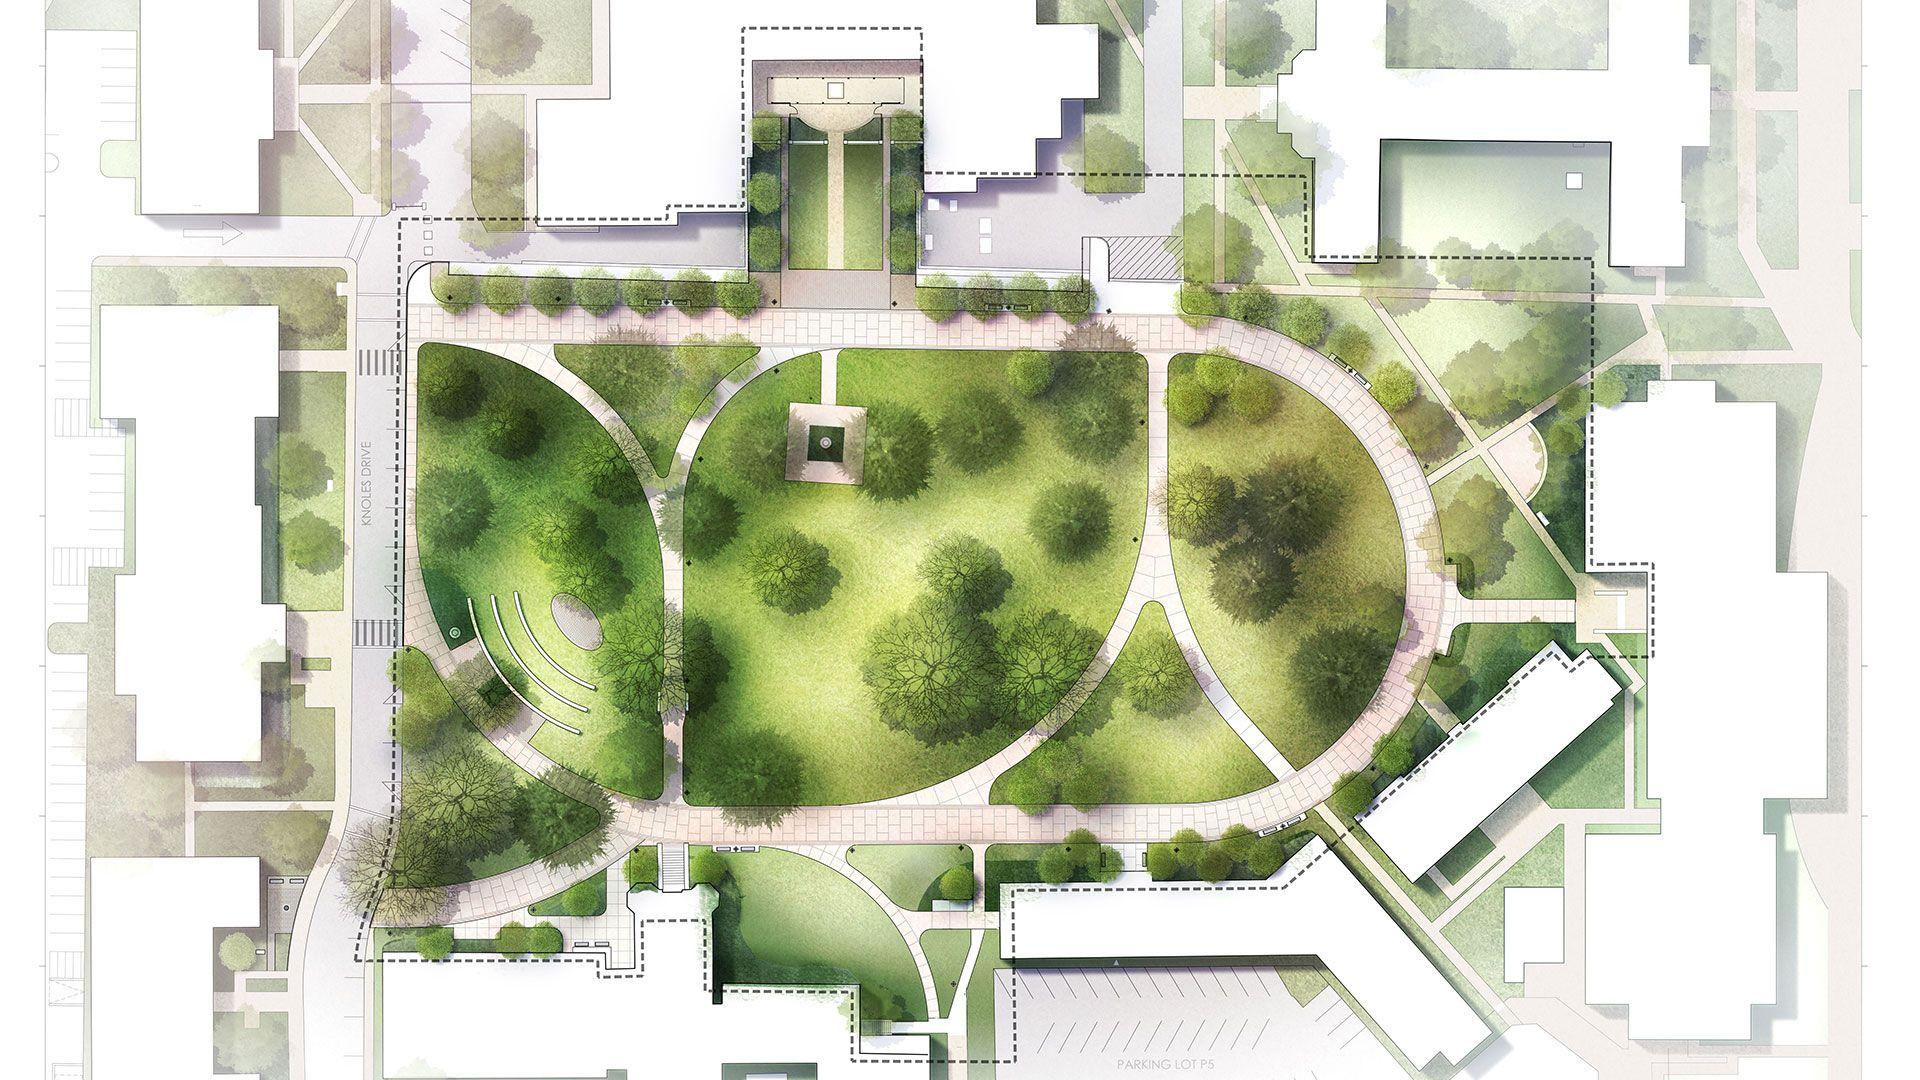 Landscape Architecture Plan Rendering Google Search Landscape